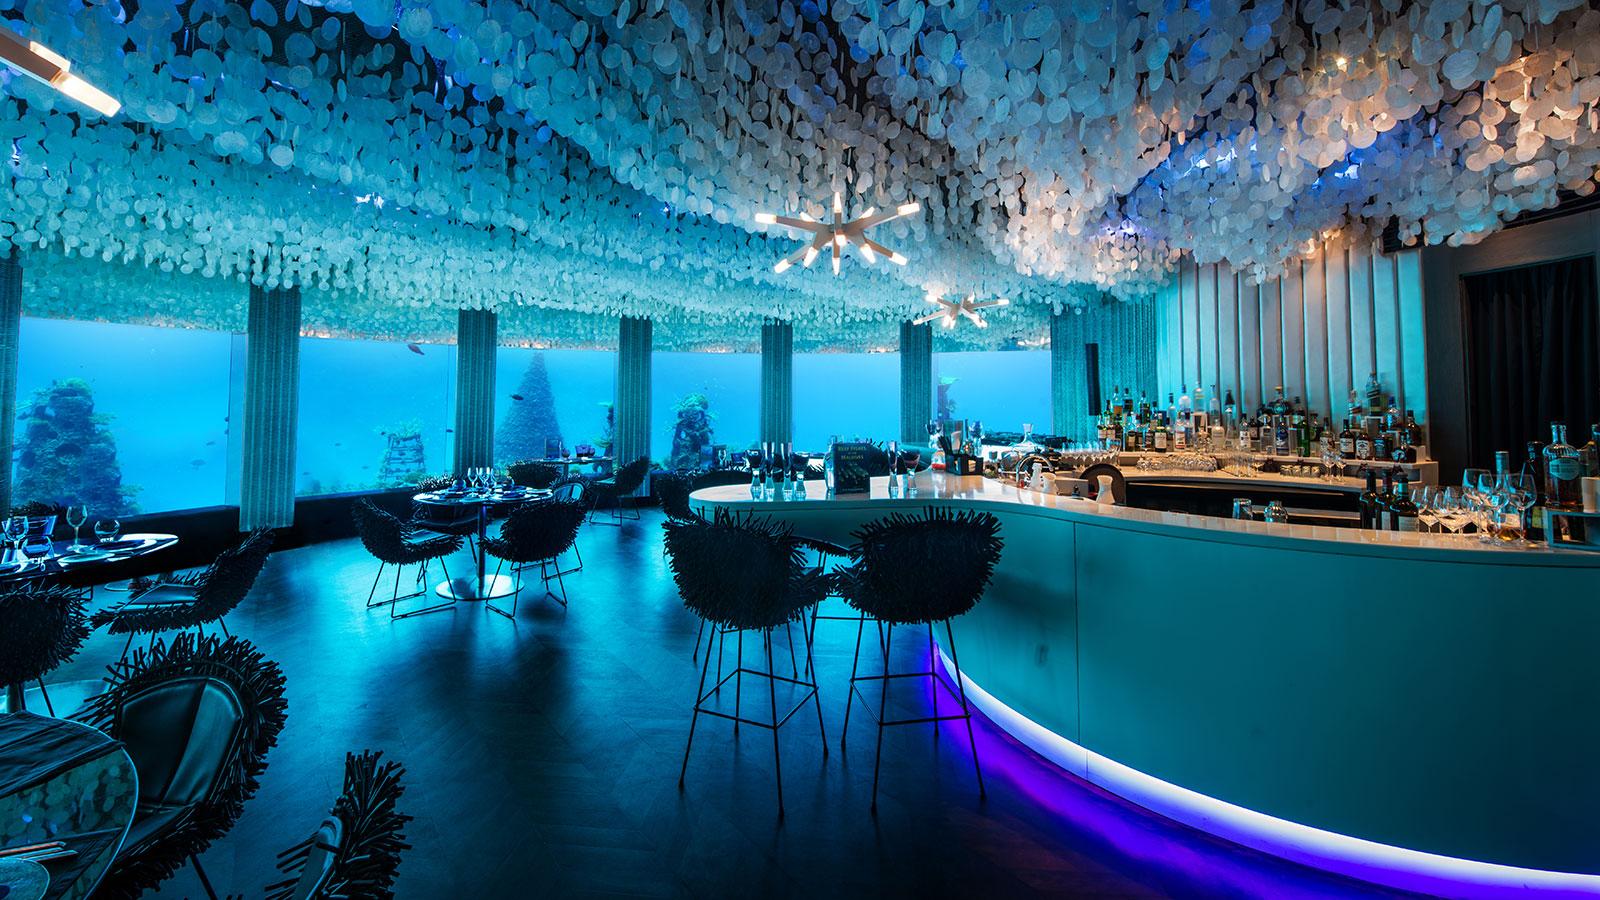 The Best Underwater Restaurants In The World